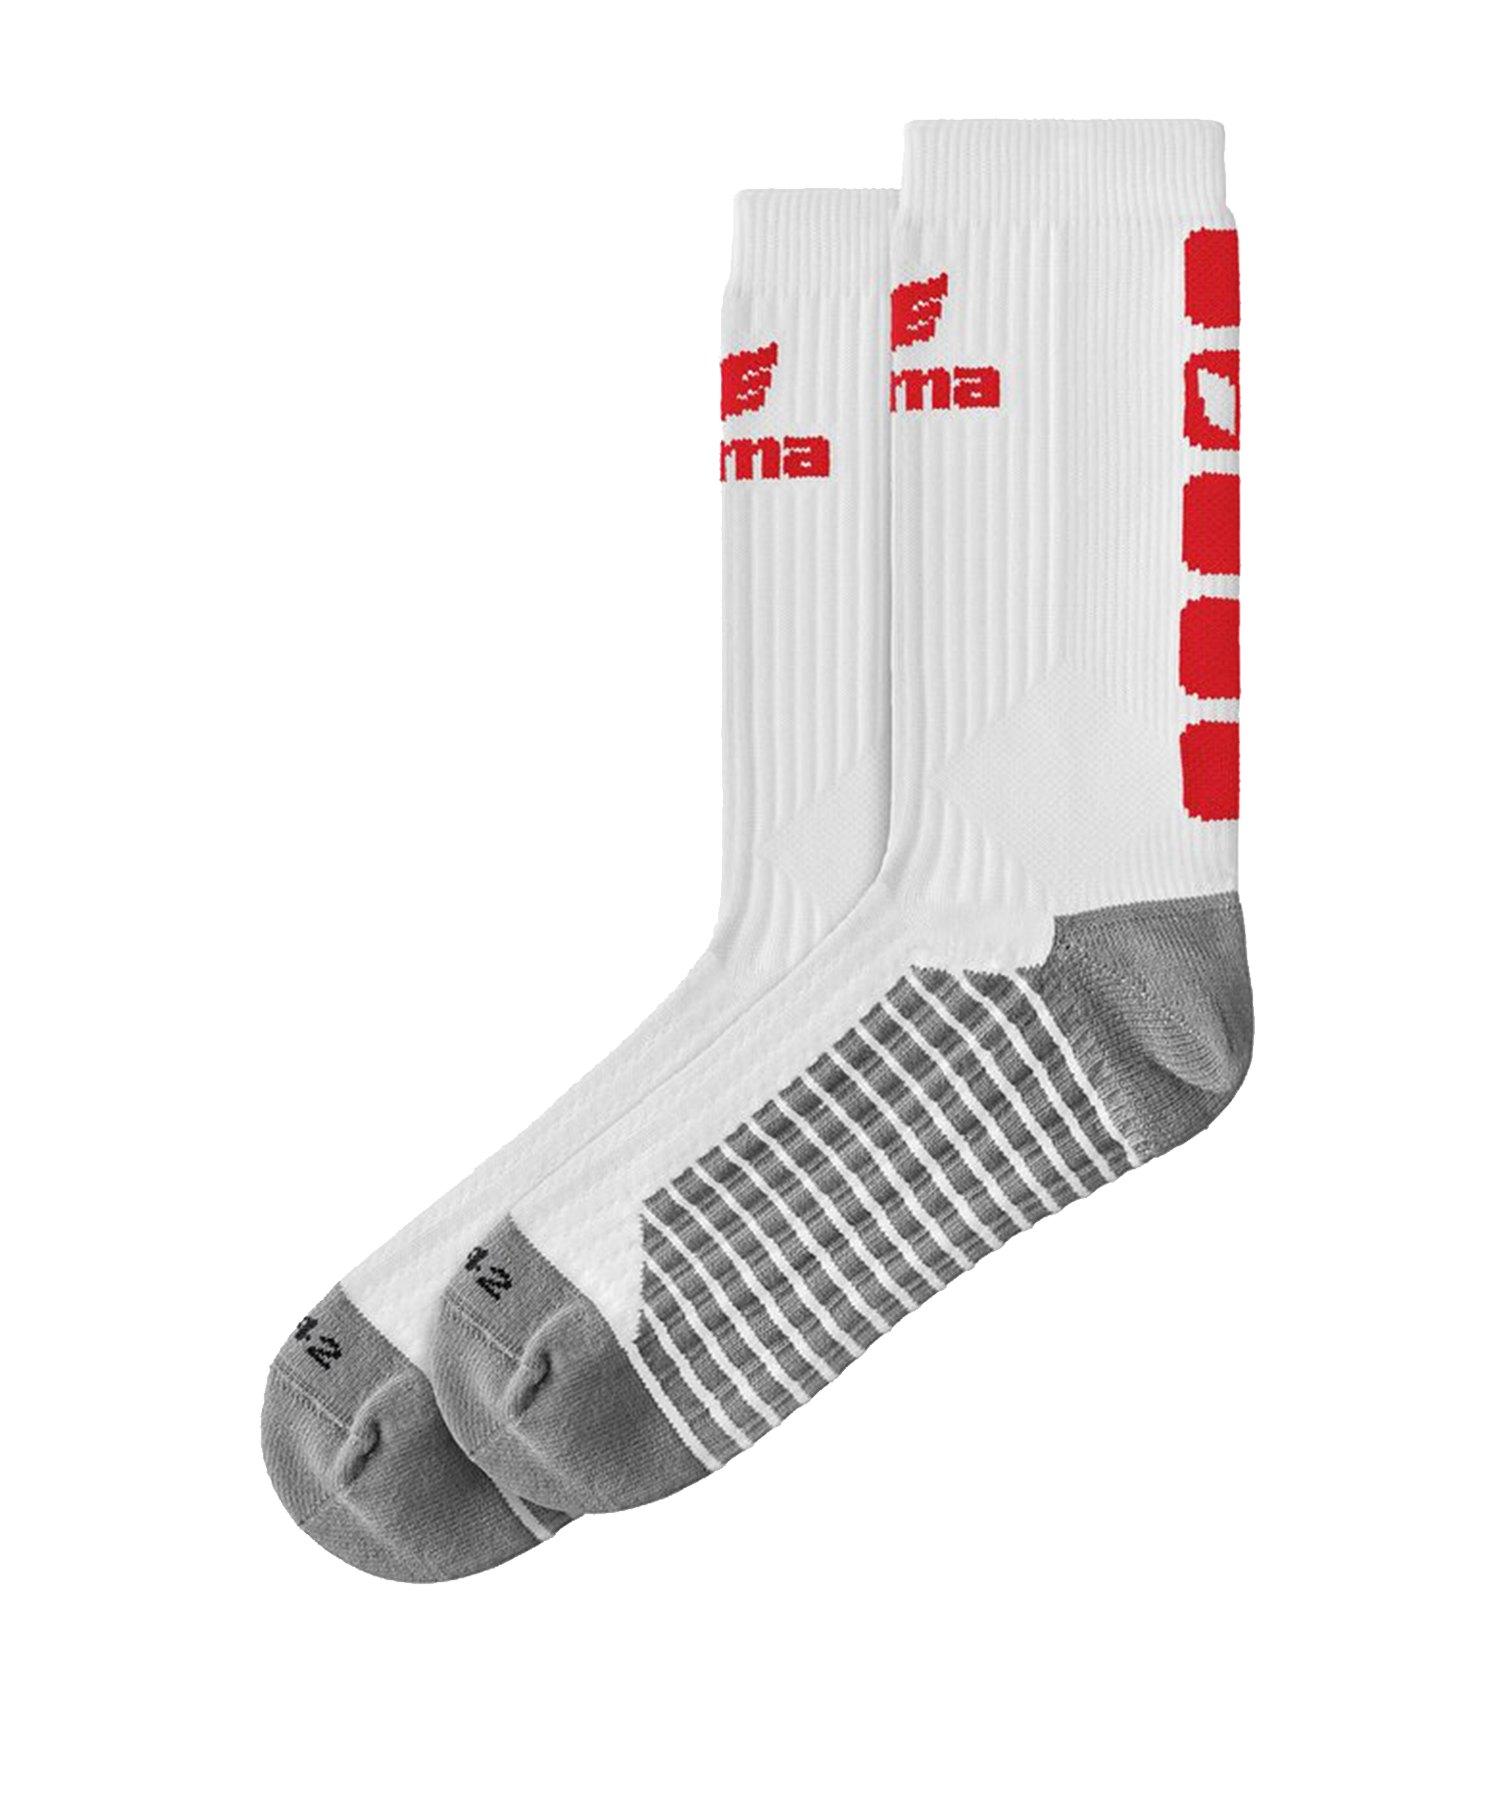 Erima CLASSIC 5-C Socken Weiss Rot - Weiss